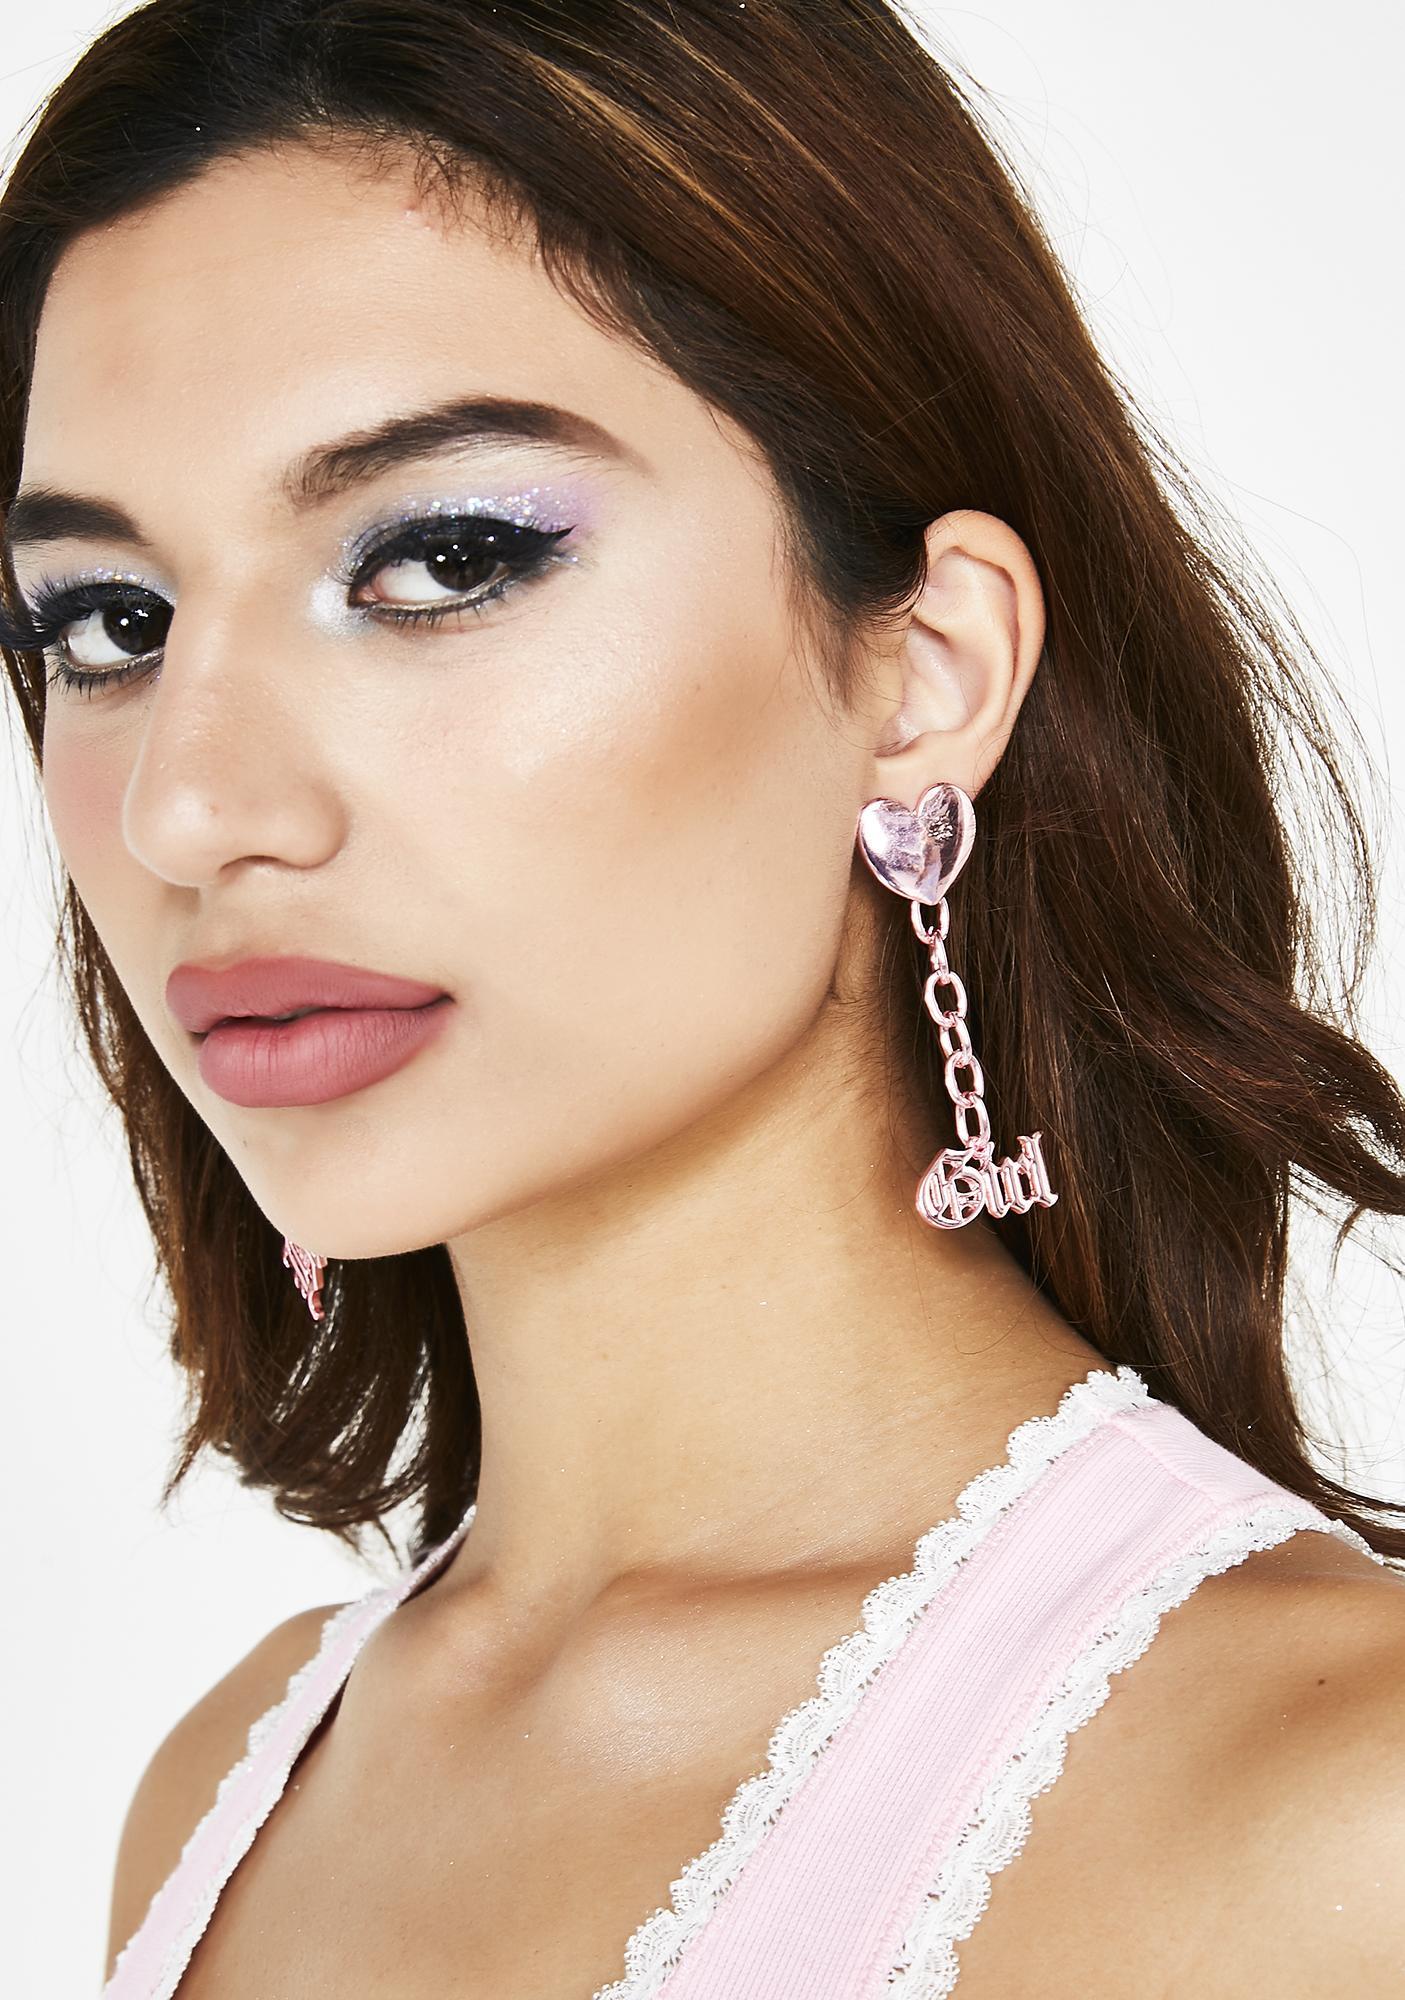 Sweet Bby Grl Chain Earrings